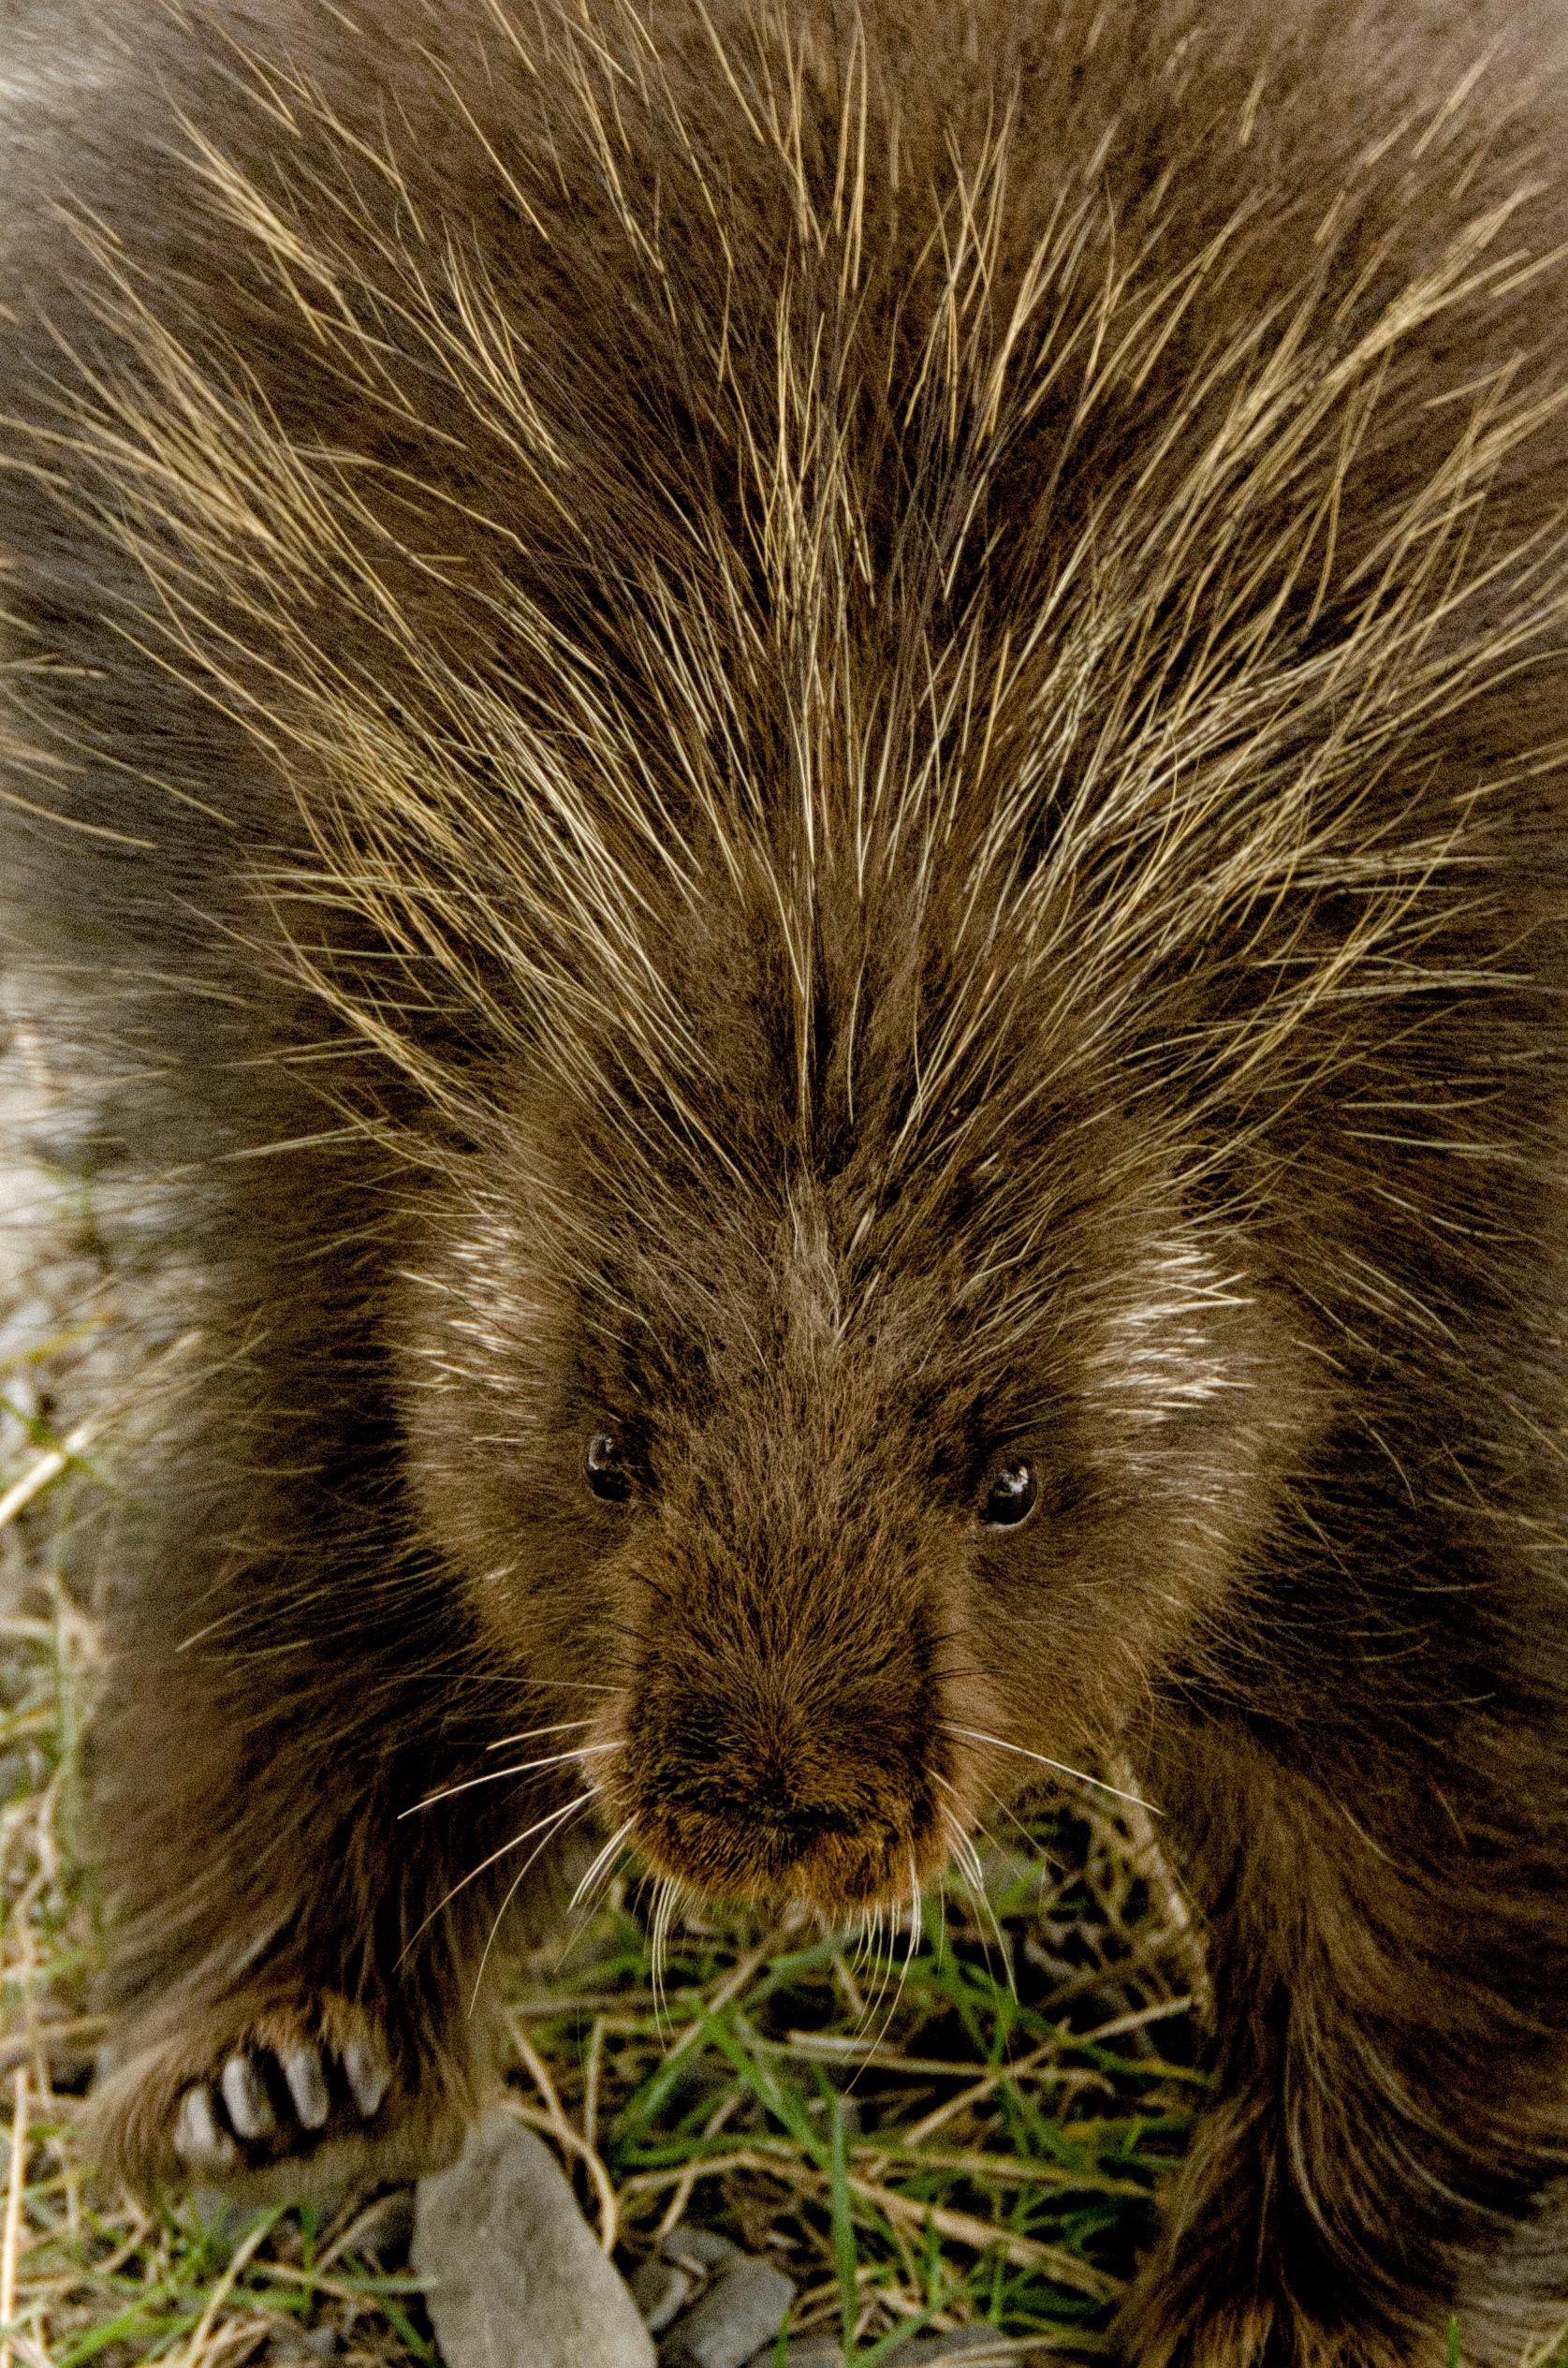 Poor Porcupine